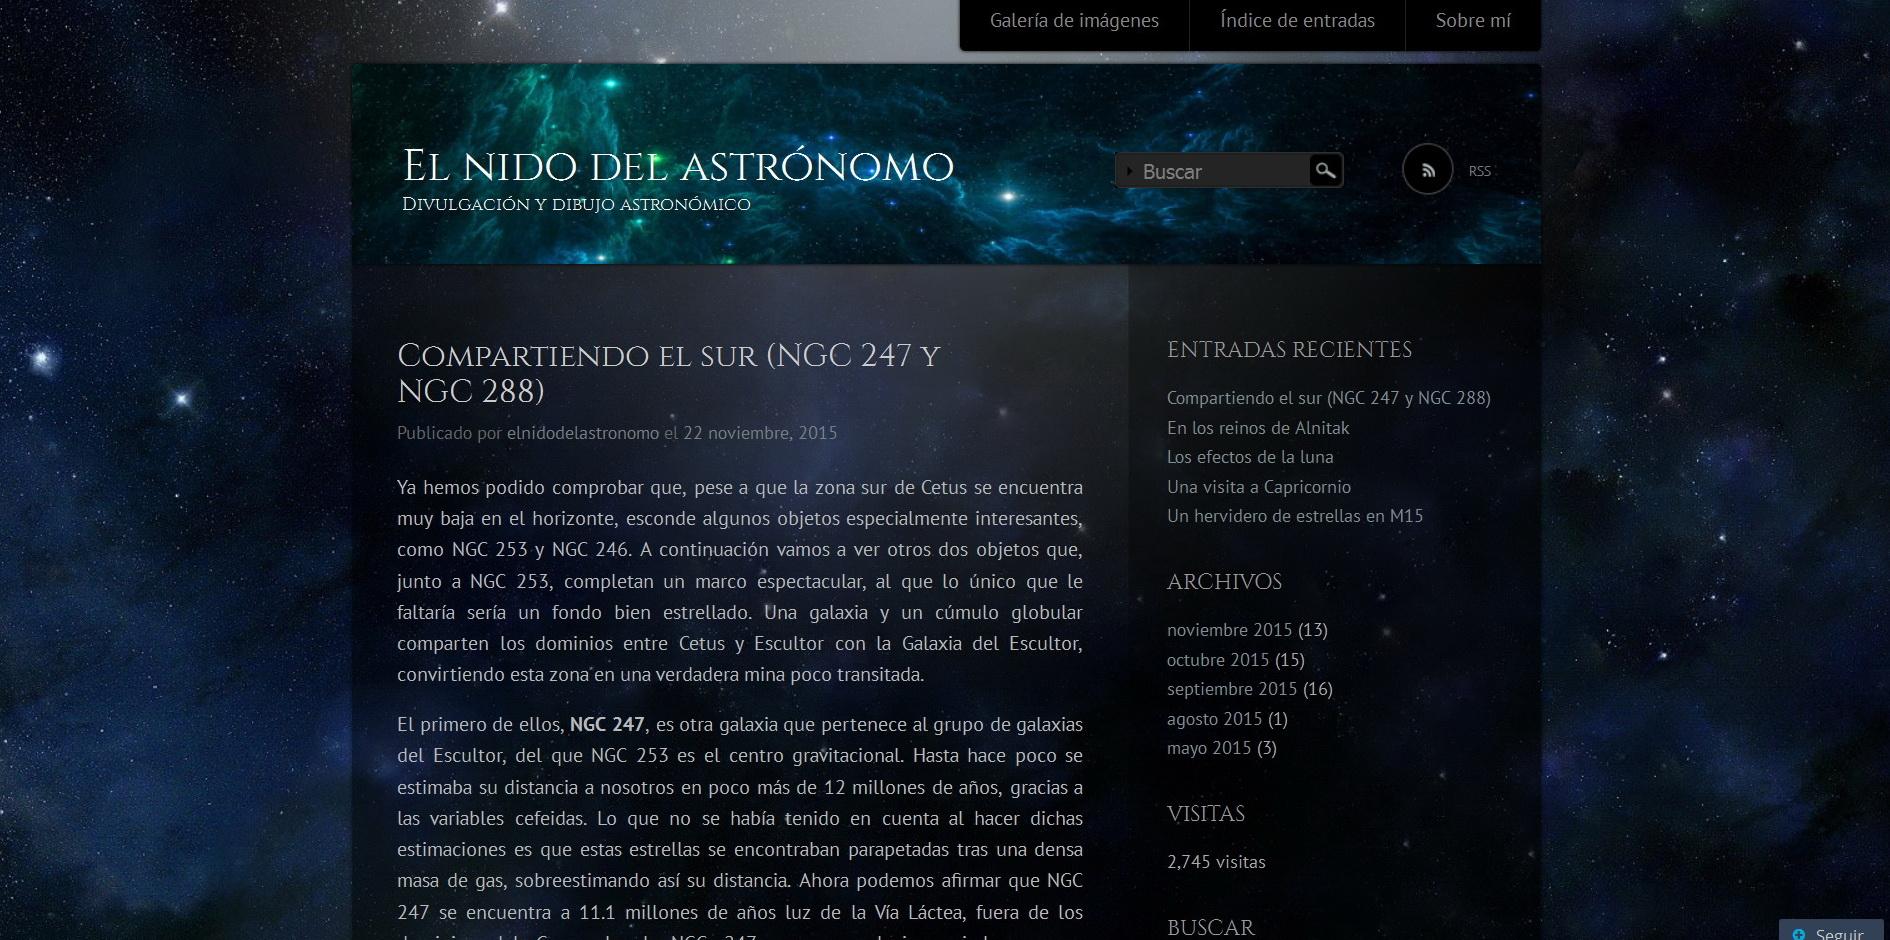 El Nido del Astrónomo